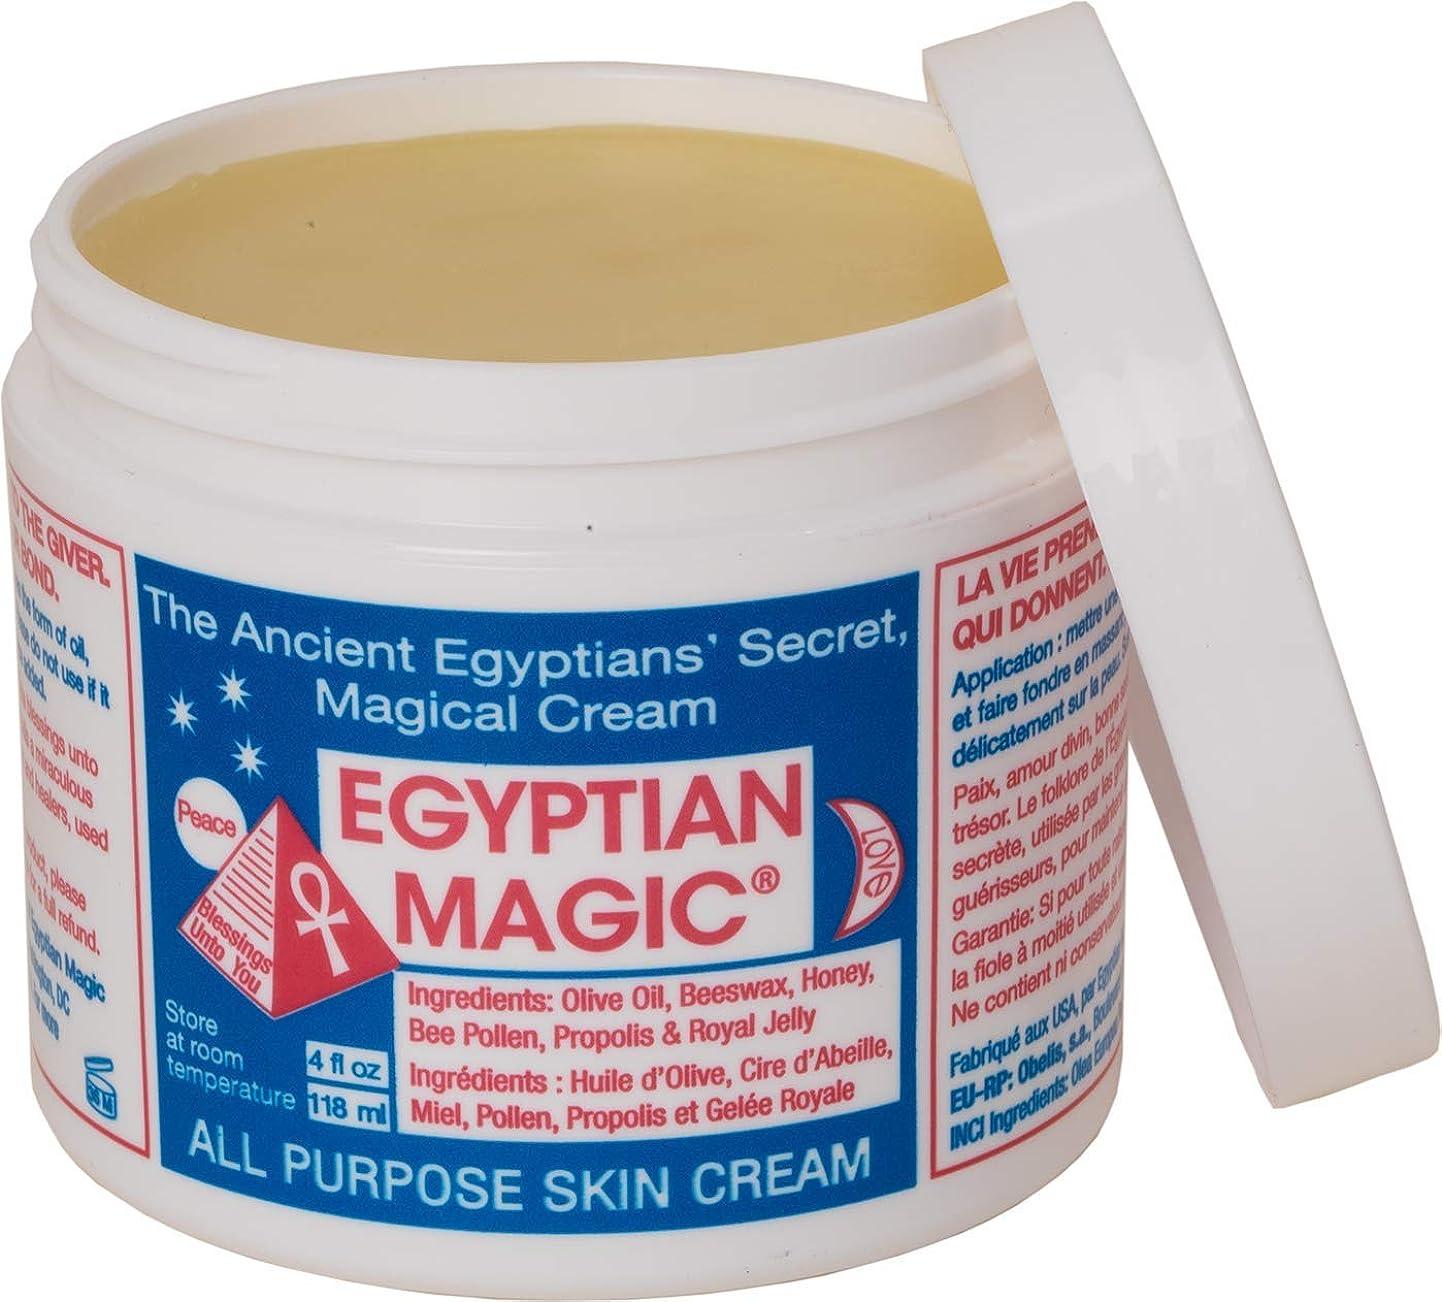 エジプシャンマジック エジプシャンマジッククリーム 125g(118ml)